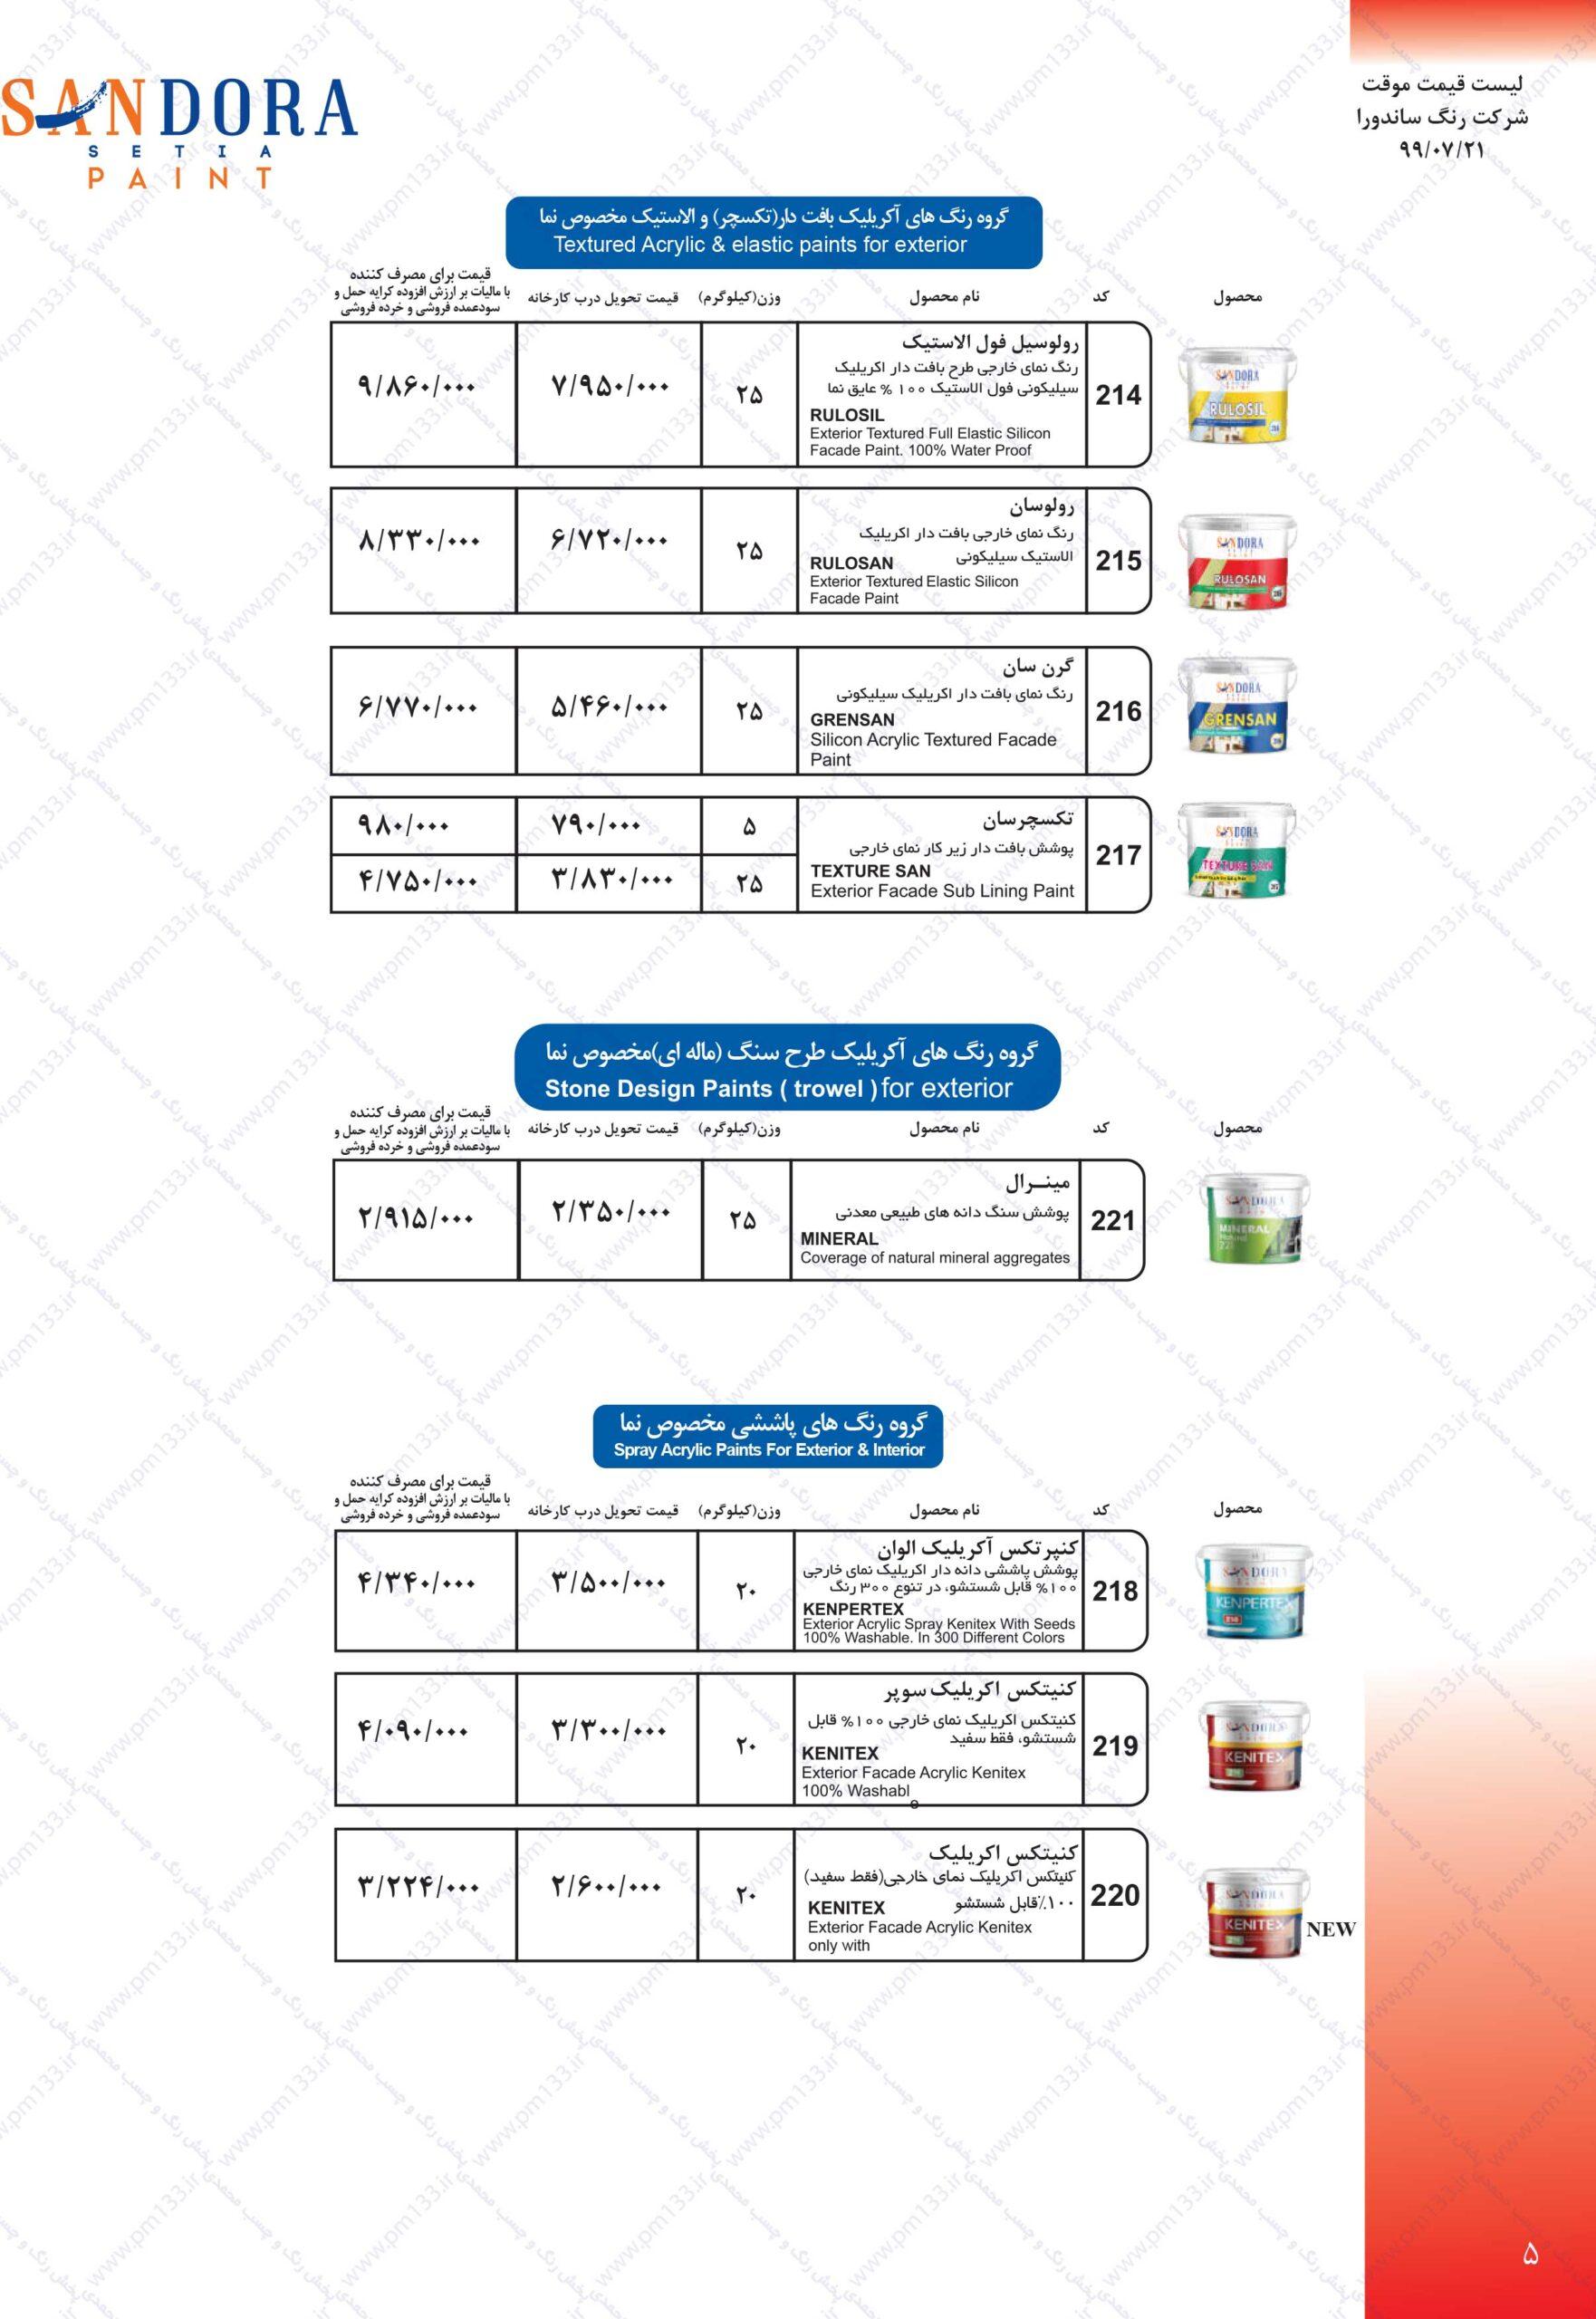 ساندورا لیست قیمت رنگ ساندورا21-07-99 صفحه پنجم